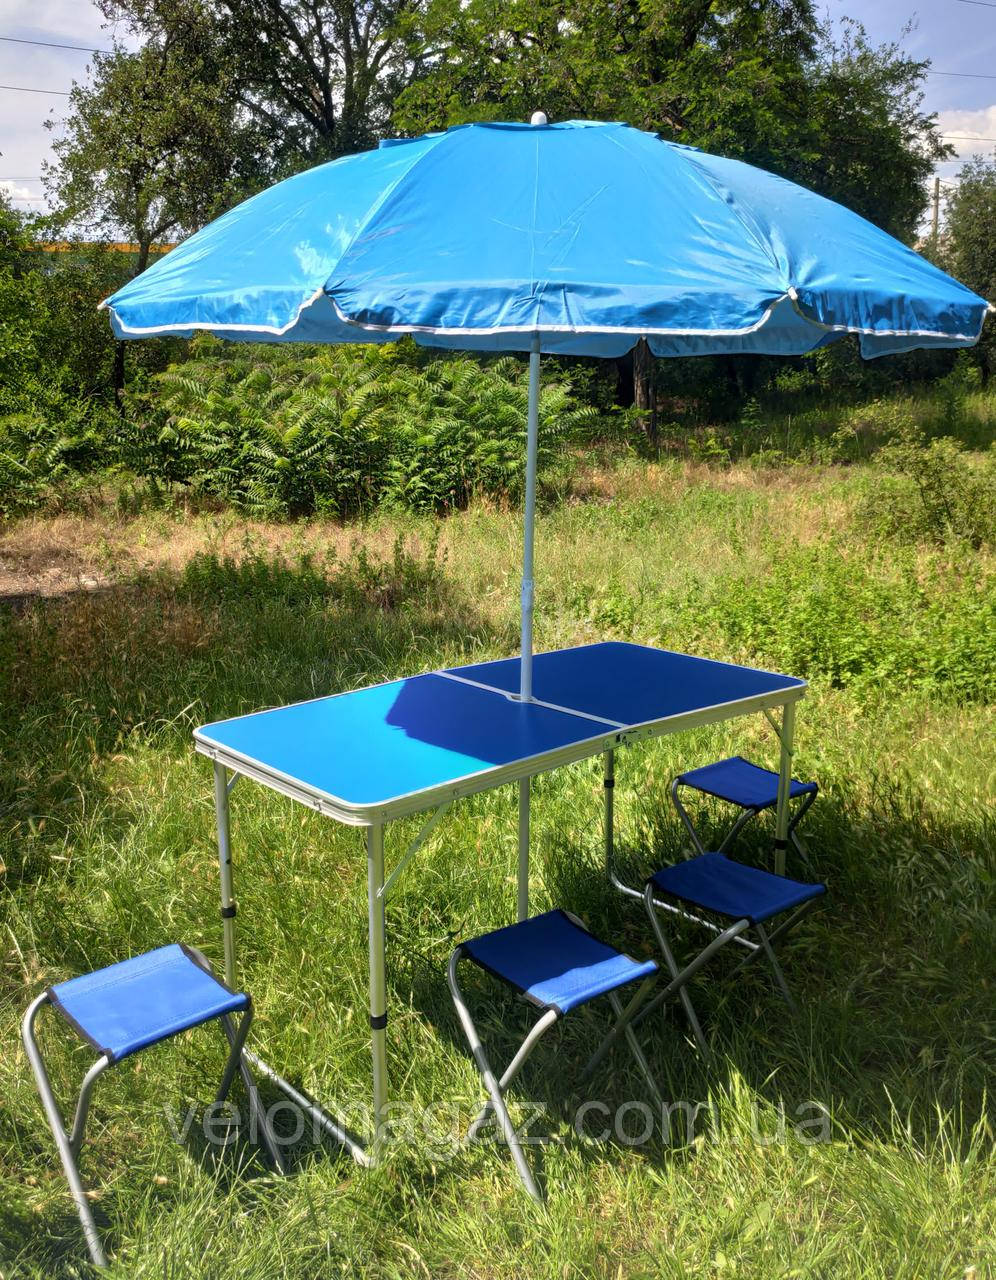 Раскладной удобный синий стол для пикника и 4 стула (серого цвета) + зонт 1,6 м в ПОДАРОК!